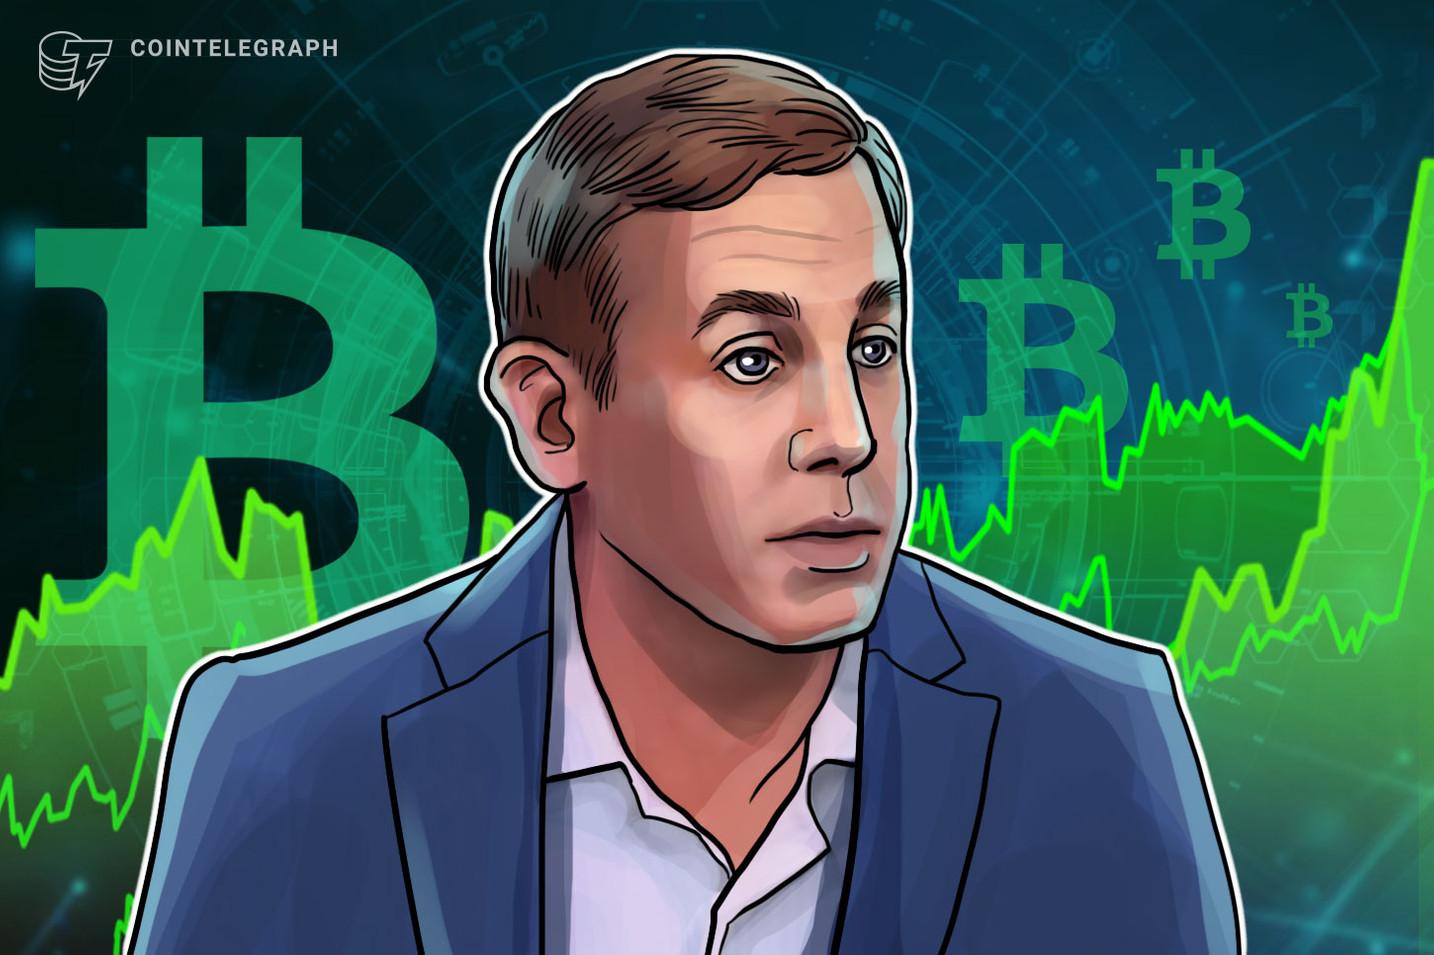 Bart Smith, diretor de ativos digitais da Susquehanna: o Bitcoin é certamente especulativo e arriscado